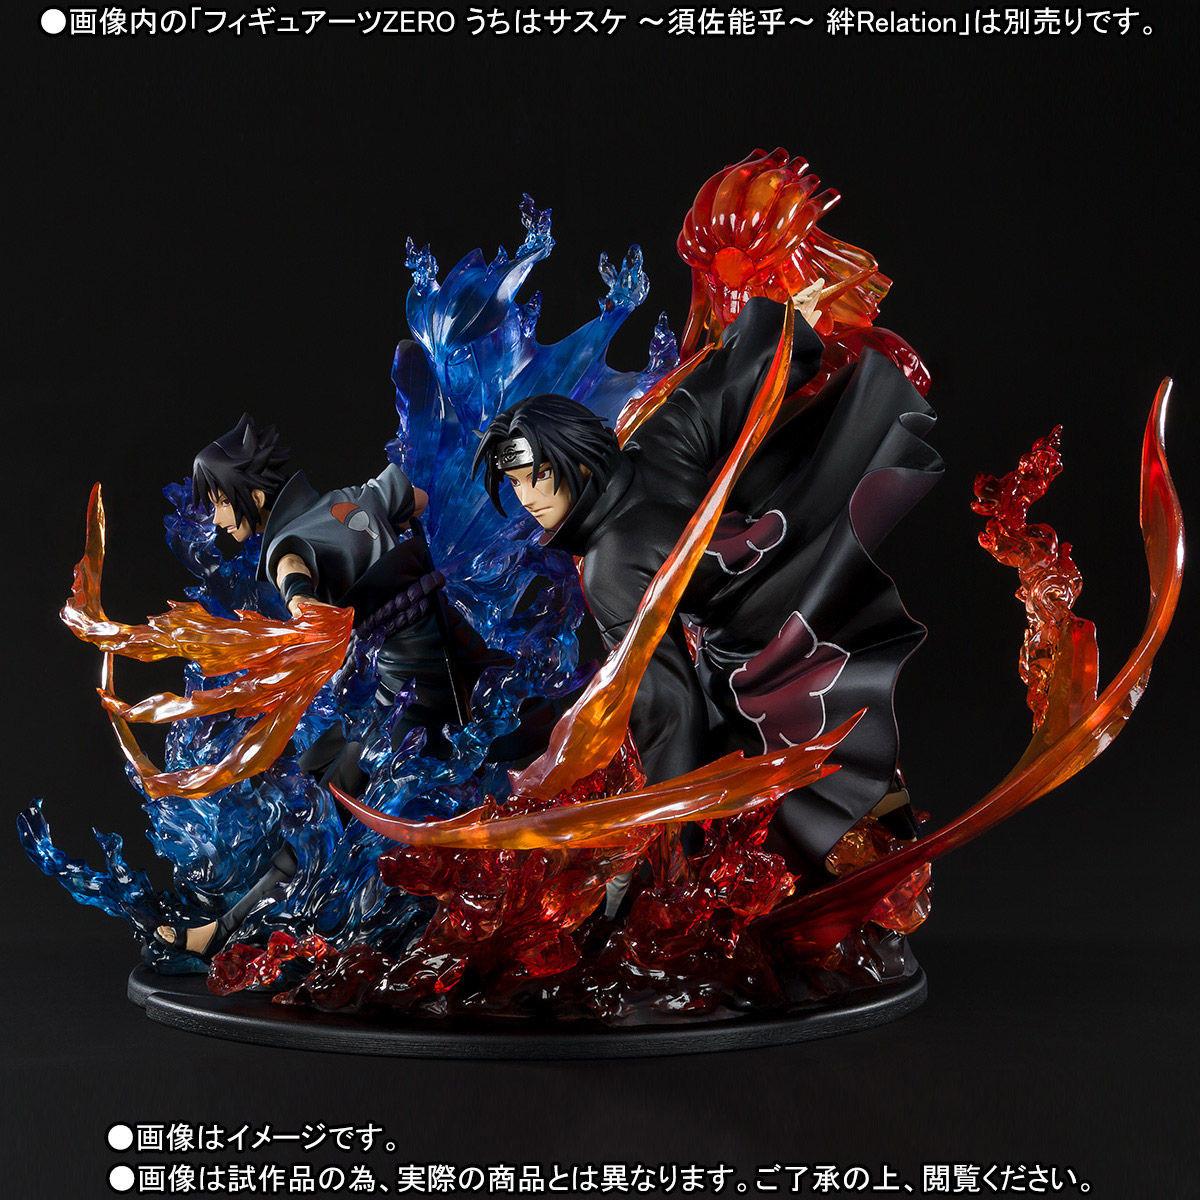 Link a Sasuke_F0_Bandai (1)